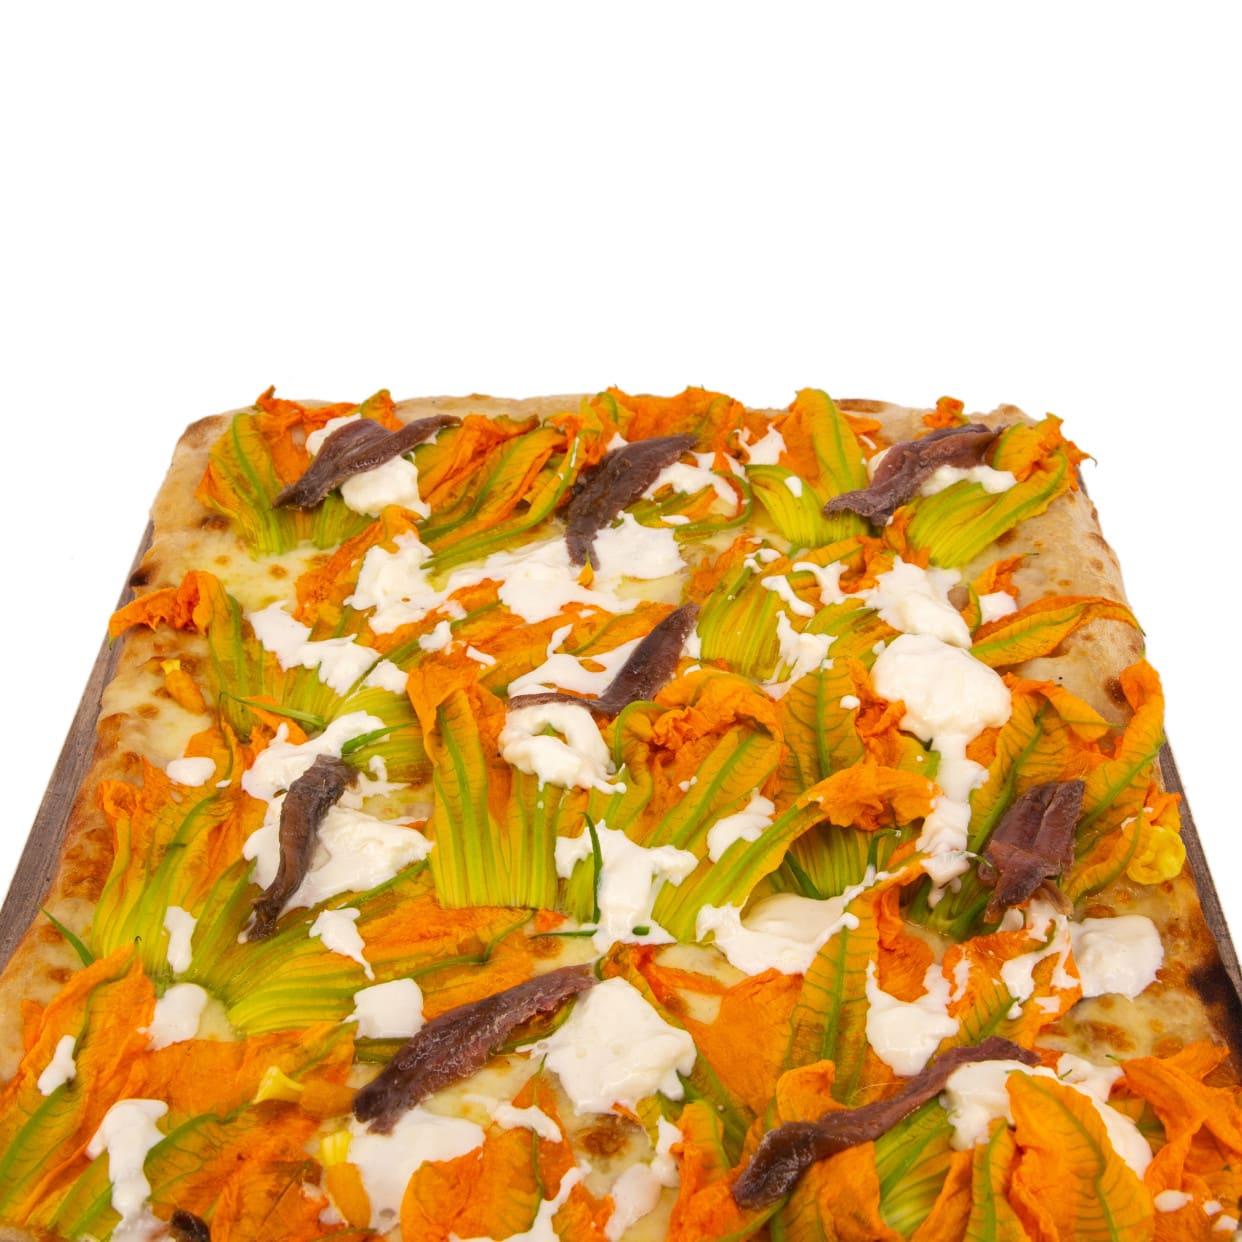 Pizza bianca fiori di zucca e alici - pala intera